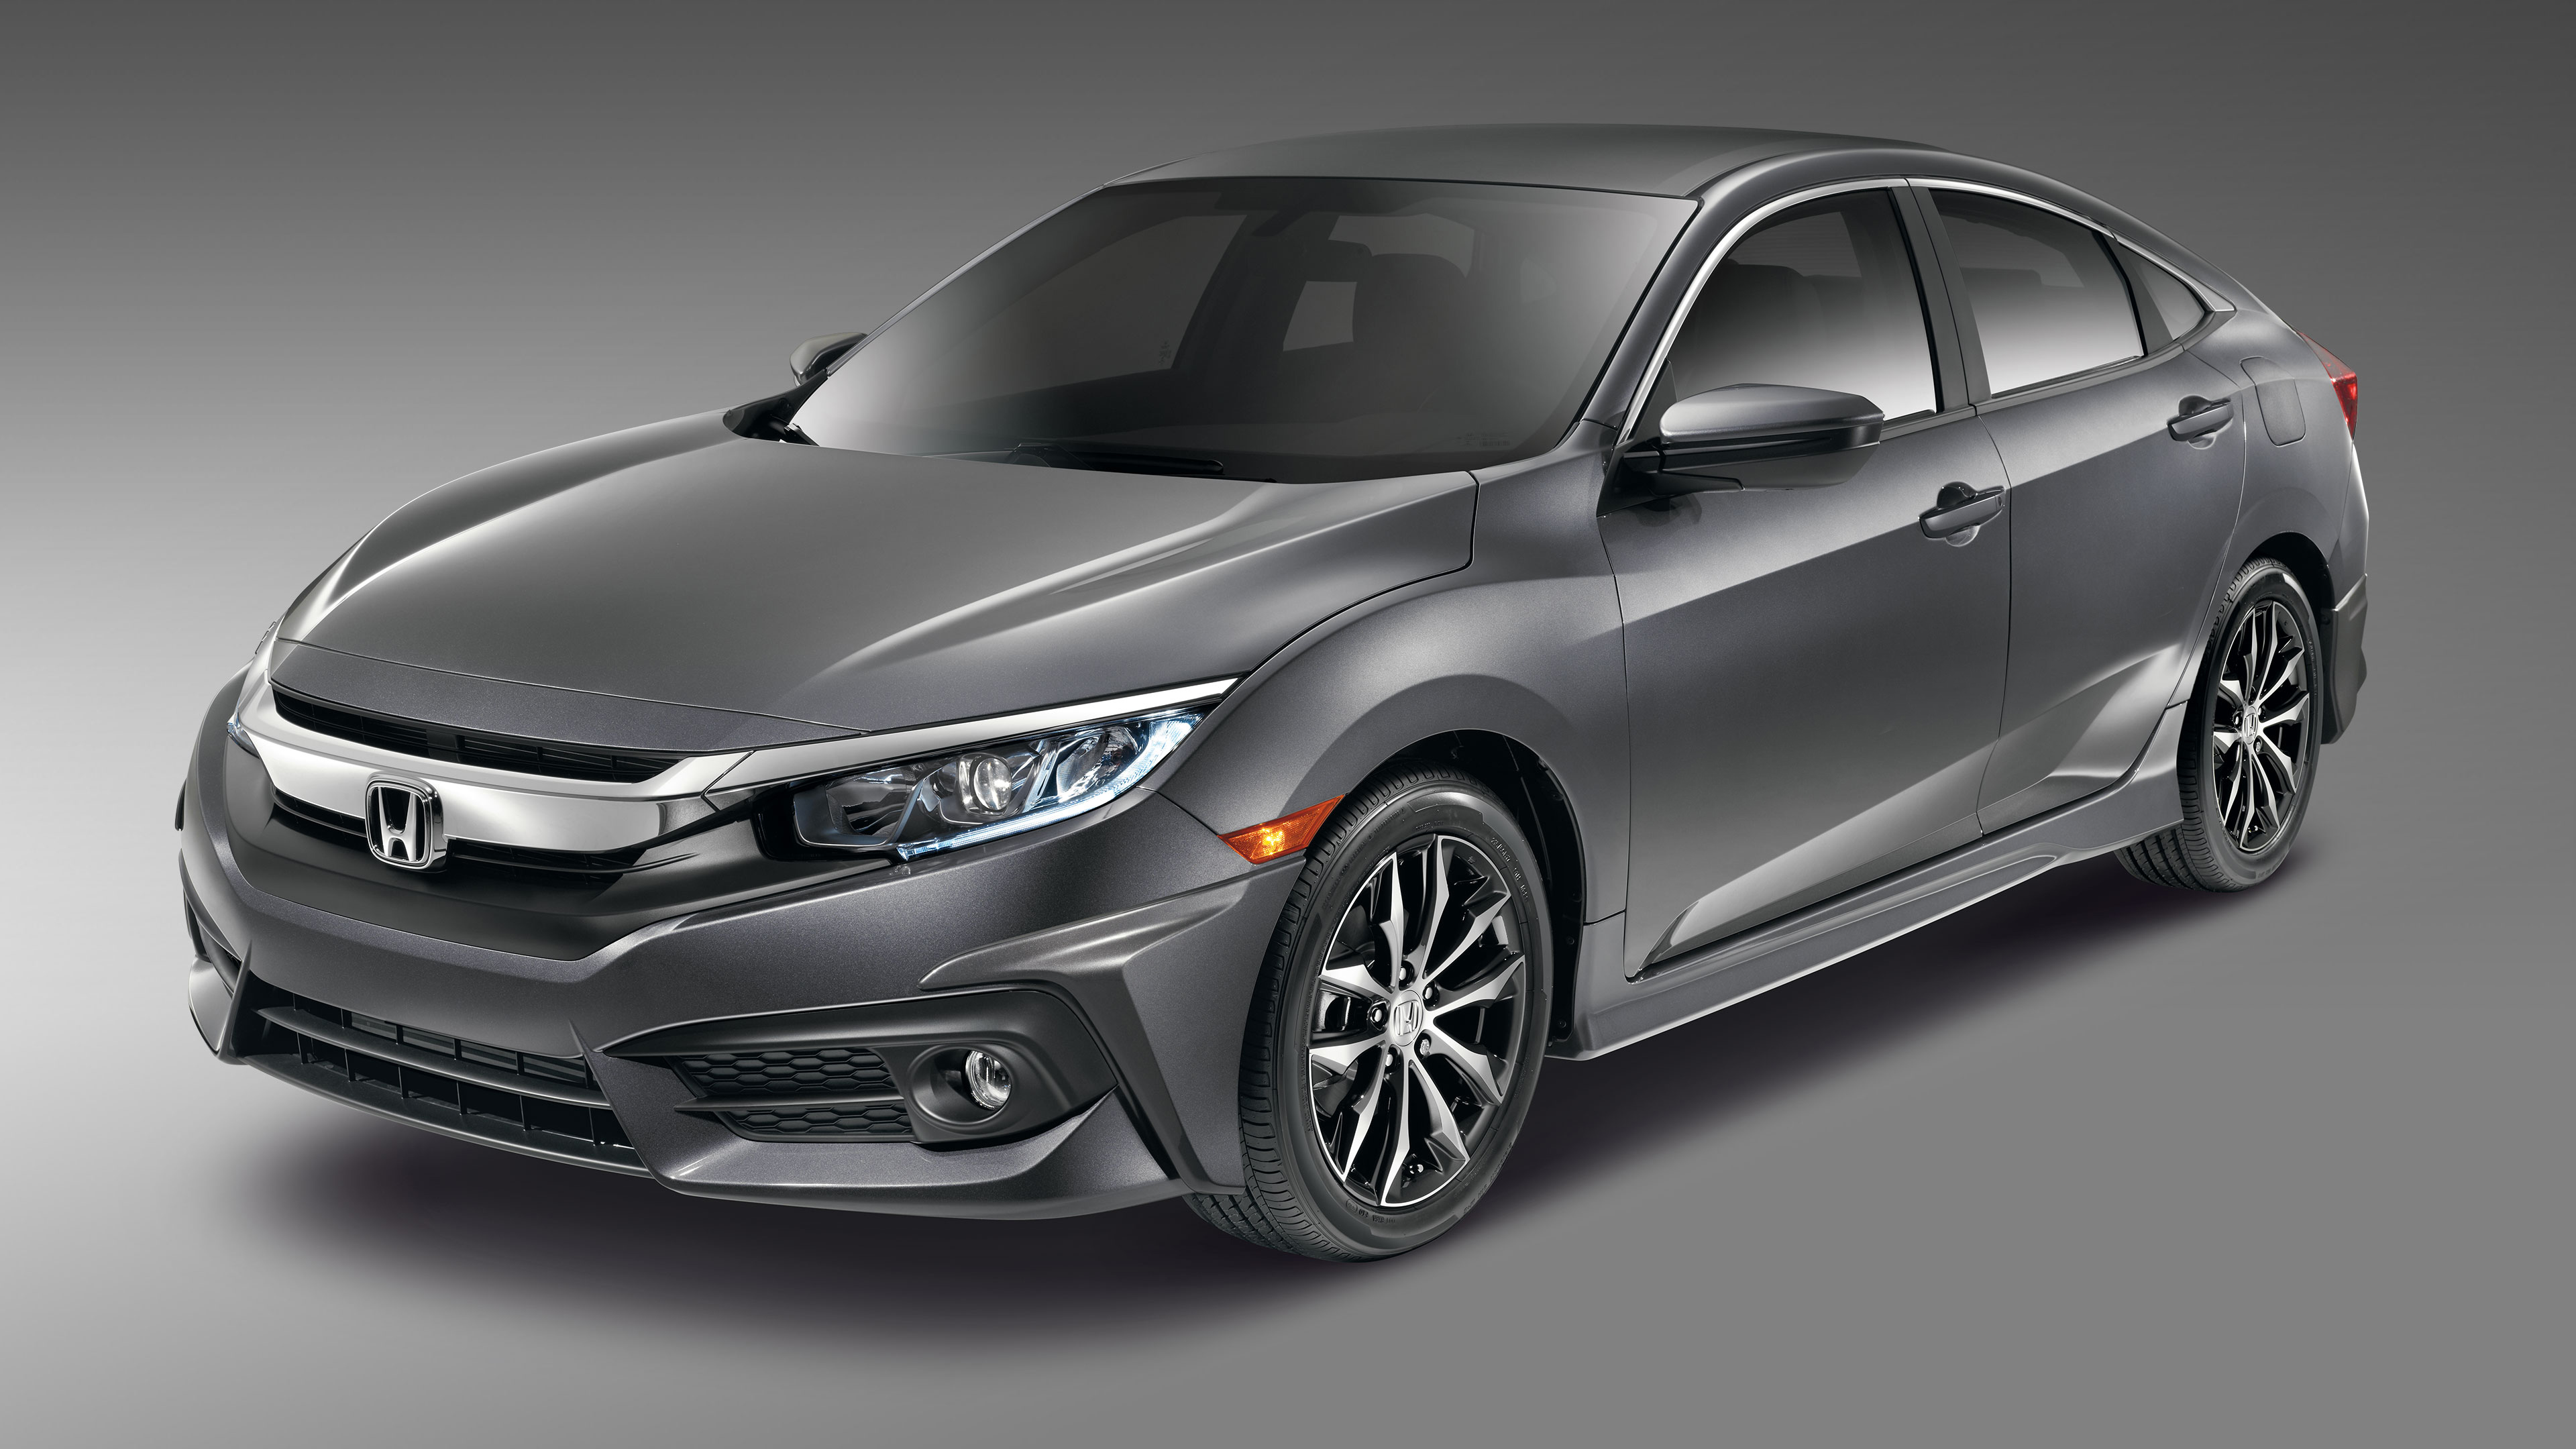 Les Accessoires Les Plus Populaires Pour La Honda Civic 2016 Honda De Terrebonne Blogue